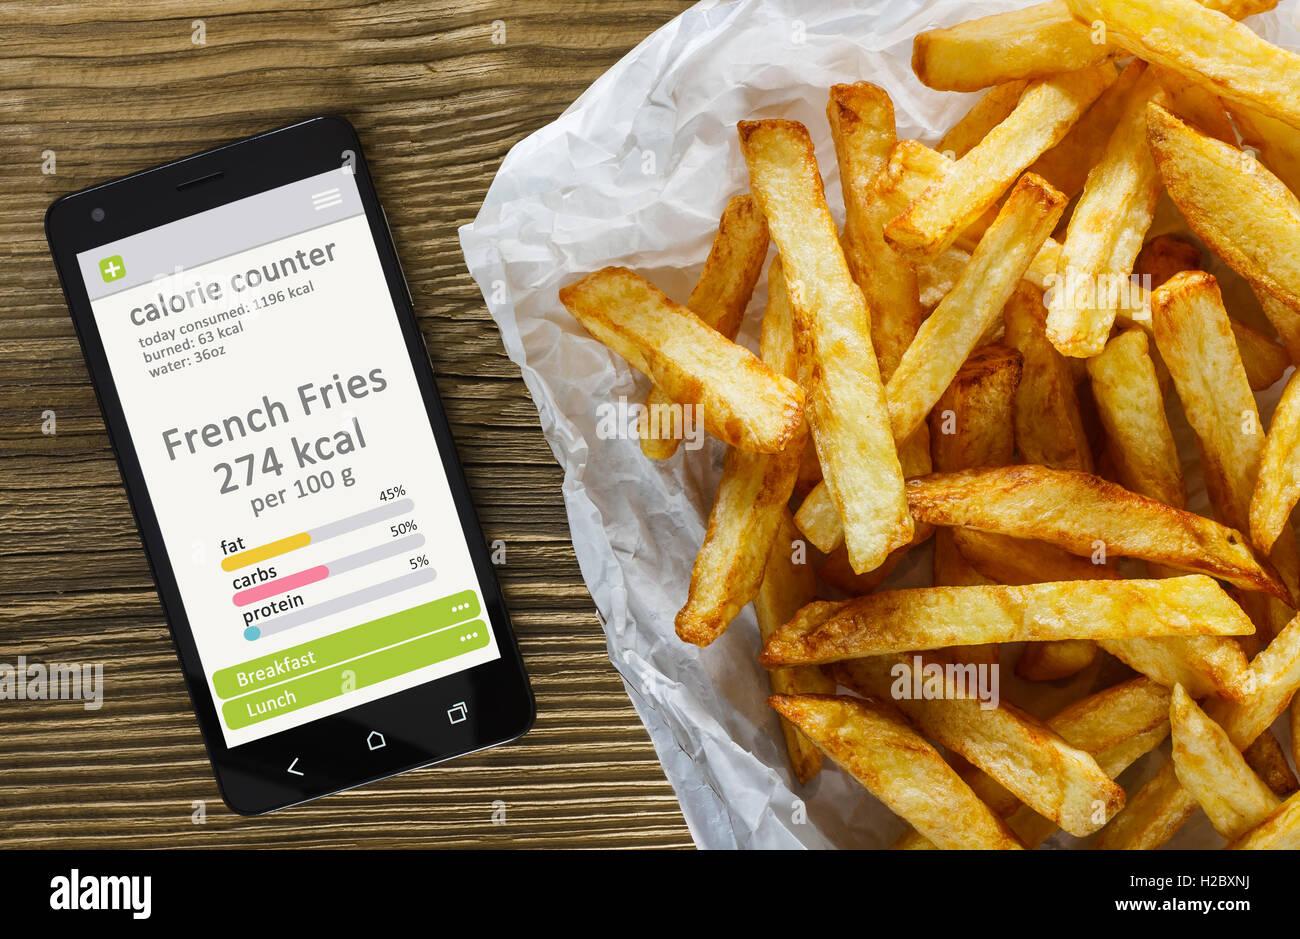 Compteur de calories concept - téléphone mobile avec compteur de calories app sur l'écran et Photo Stock